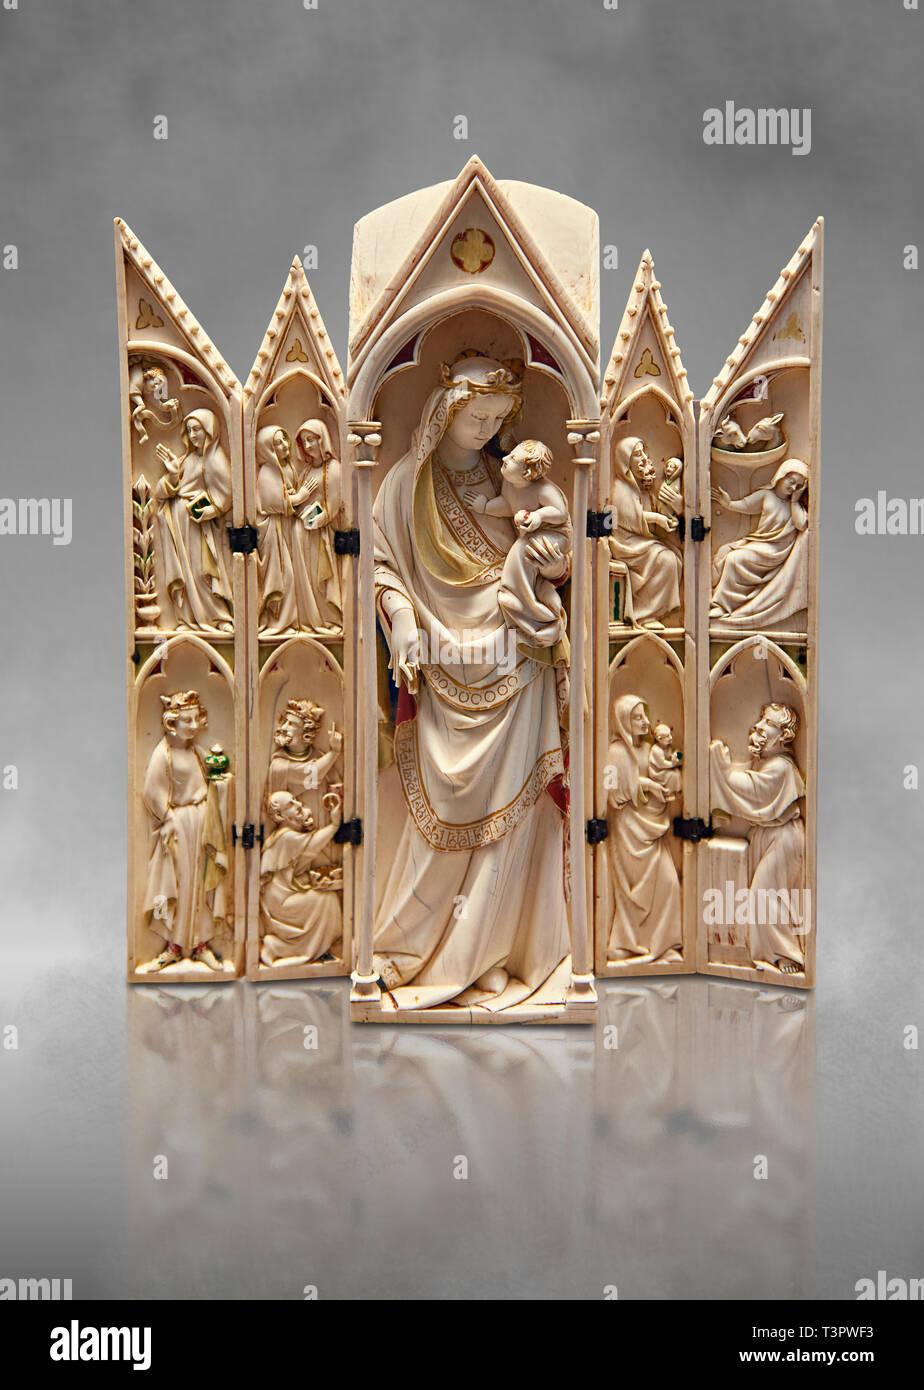 Gotico medievale tabernacolo in avorio raffigurante la Vergine e il bambino con scene dell'Annunciazione, la Natività, l'Adorazione dei Magi e il presente Immagini Stock